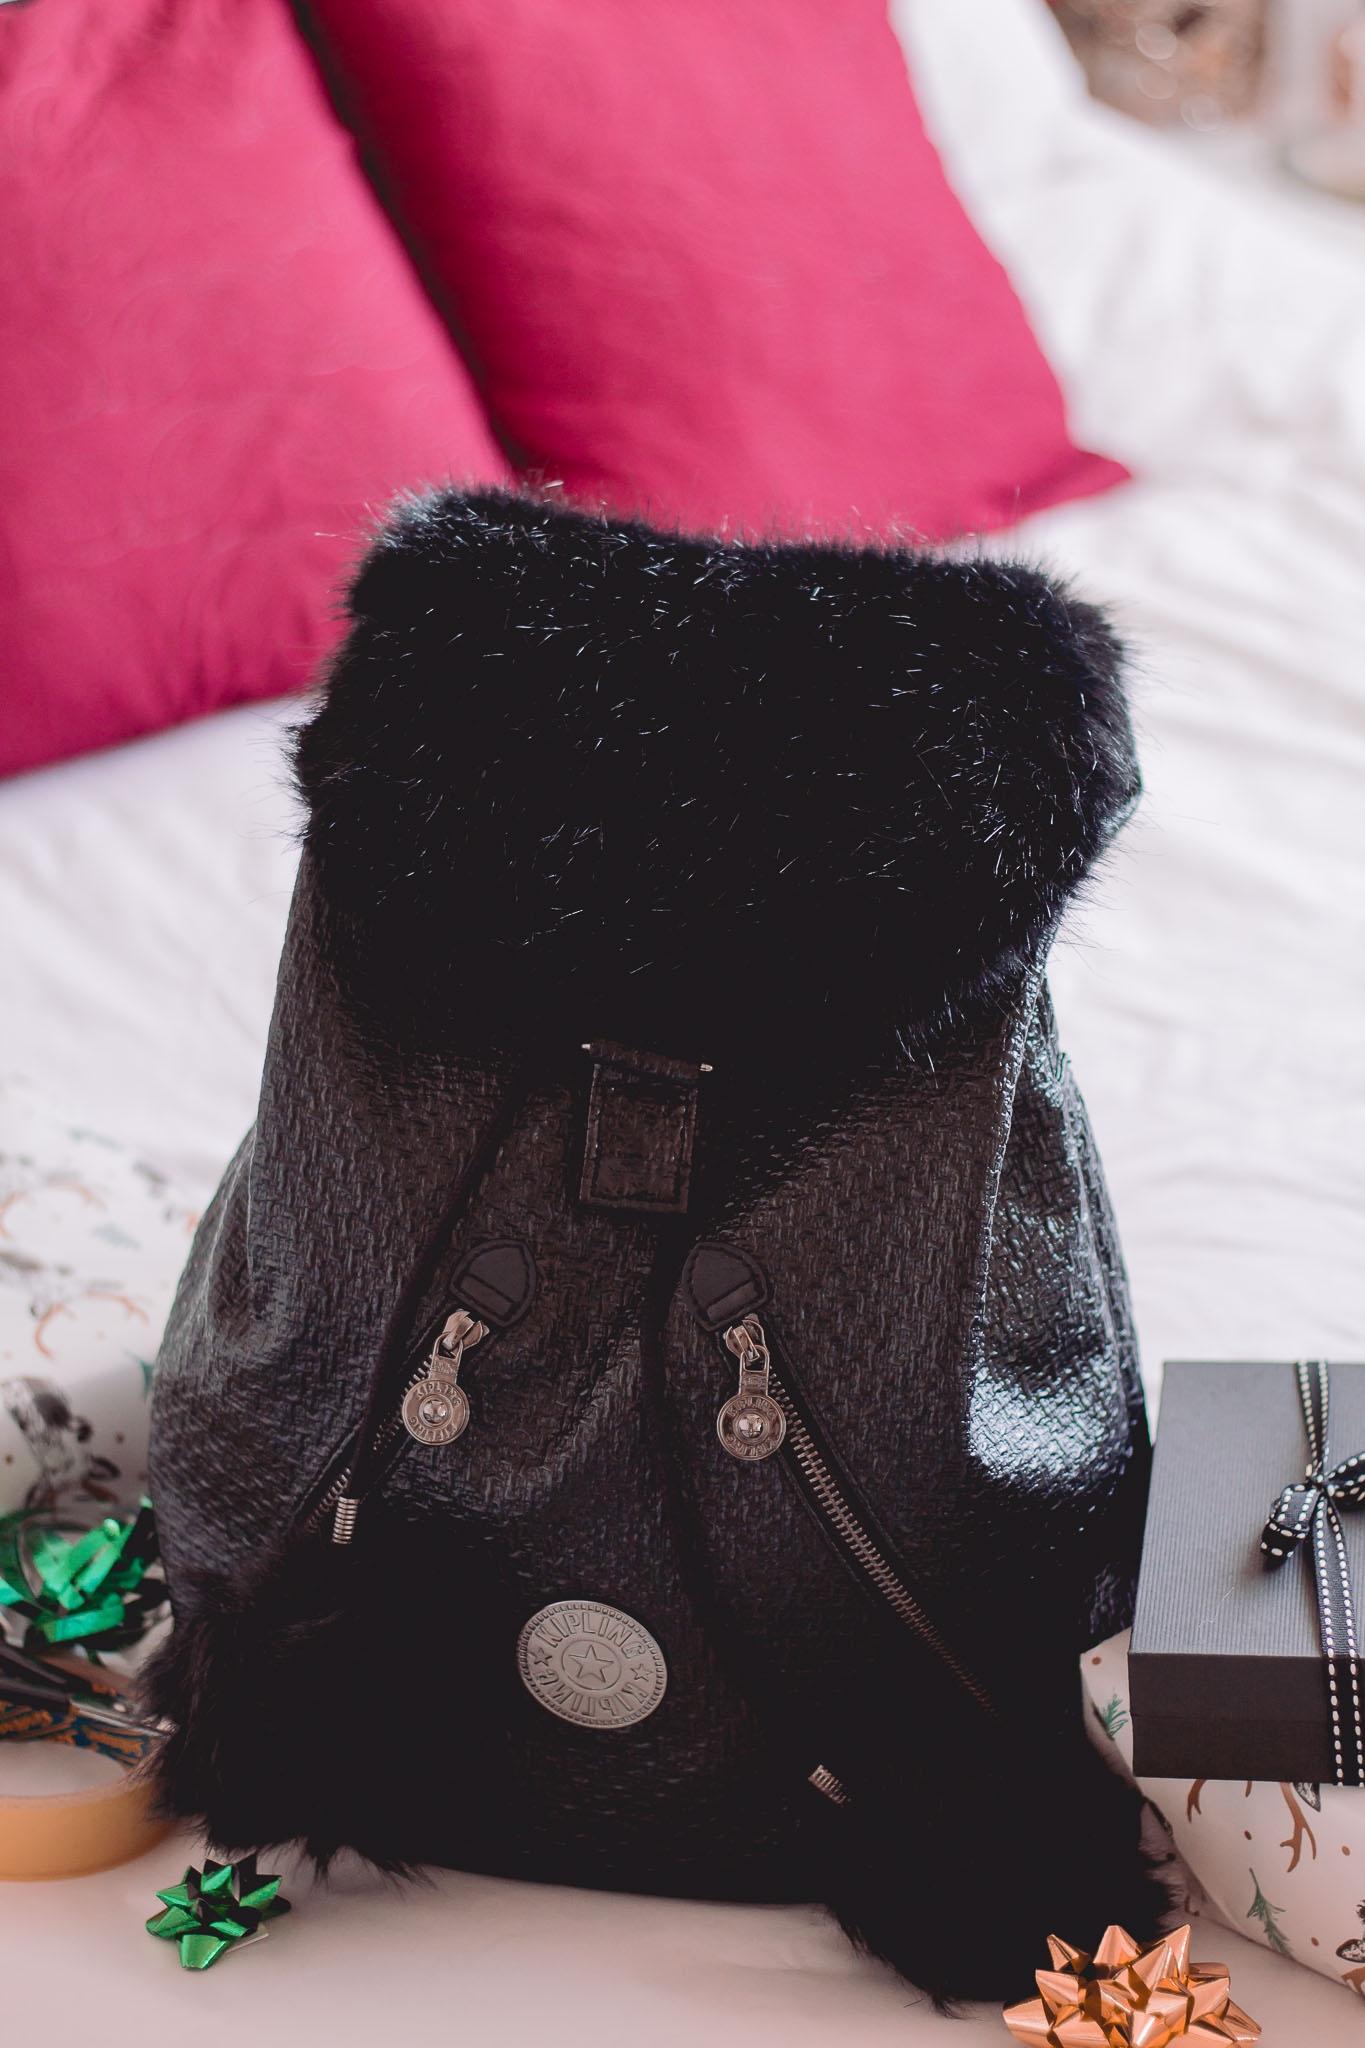 up close shot of kipling bag amongst gifts